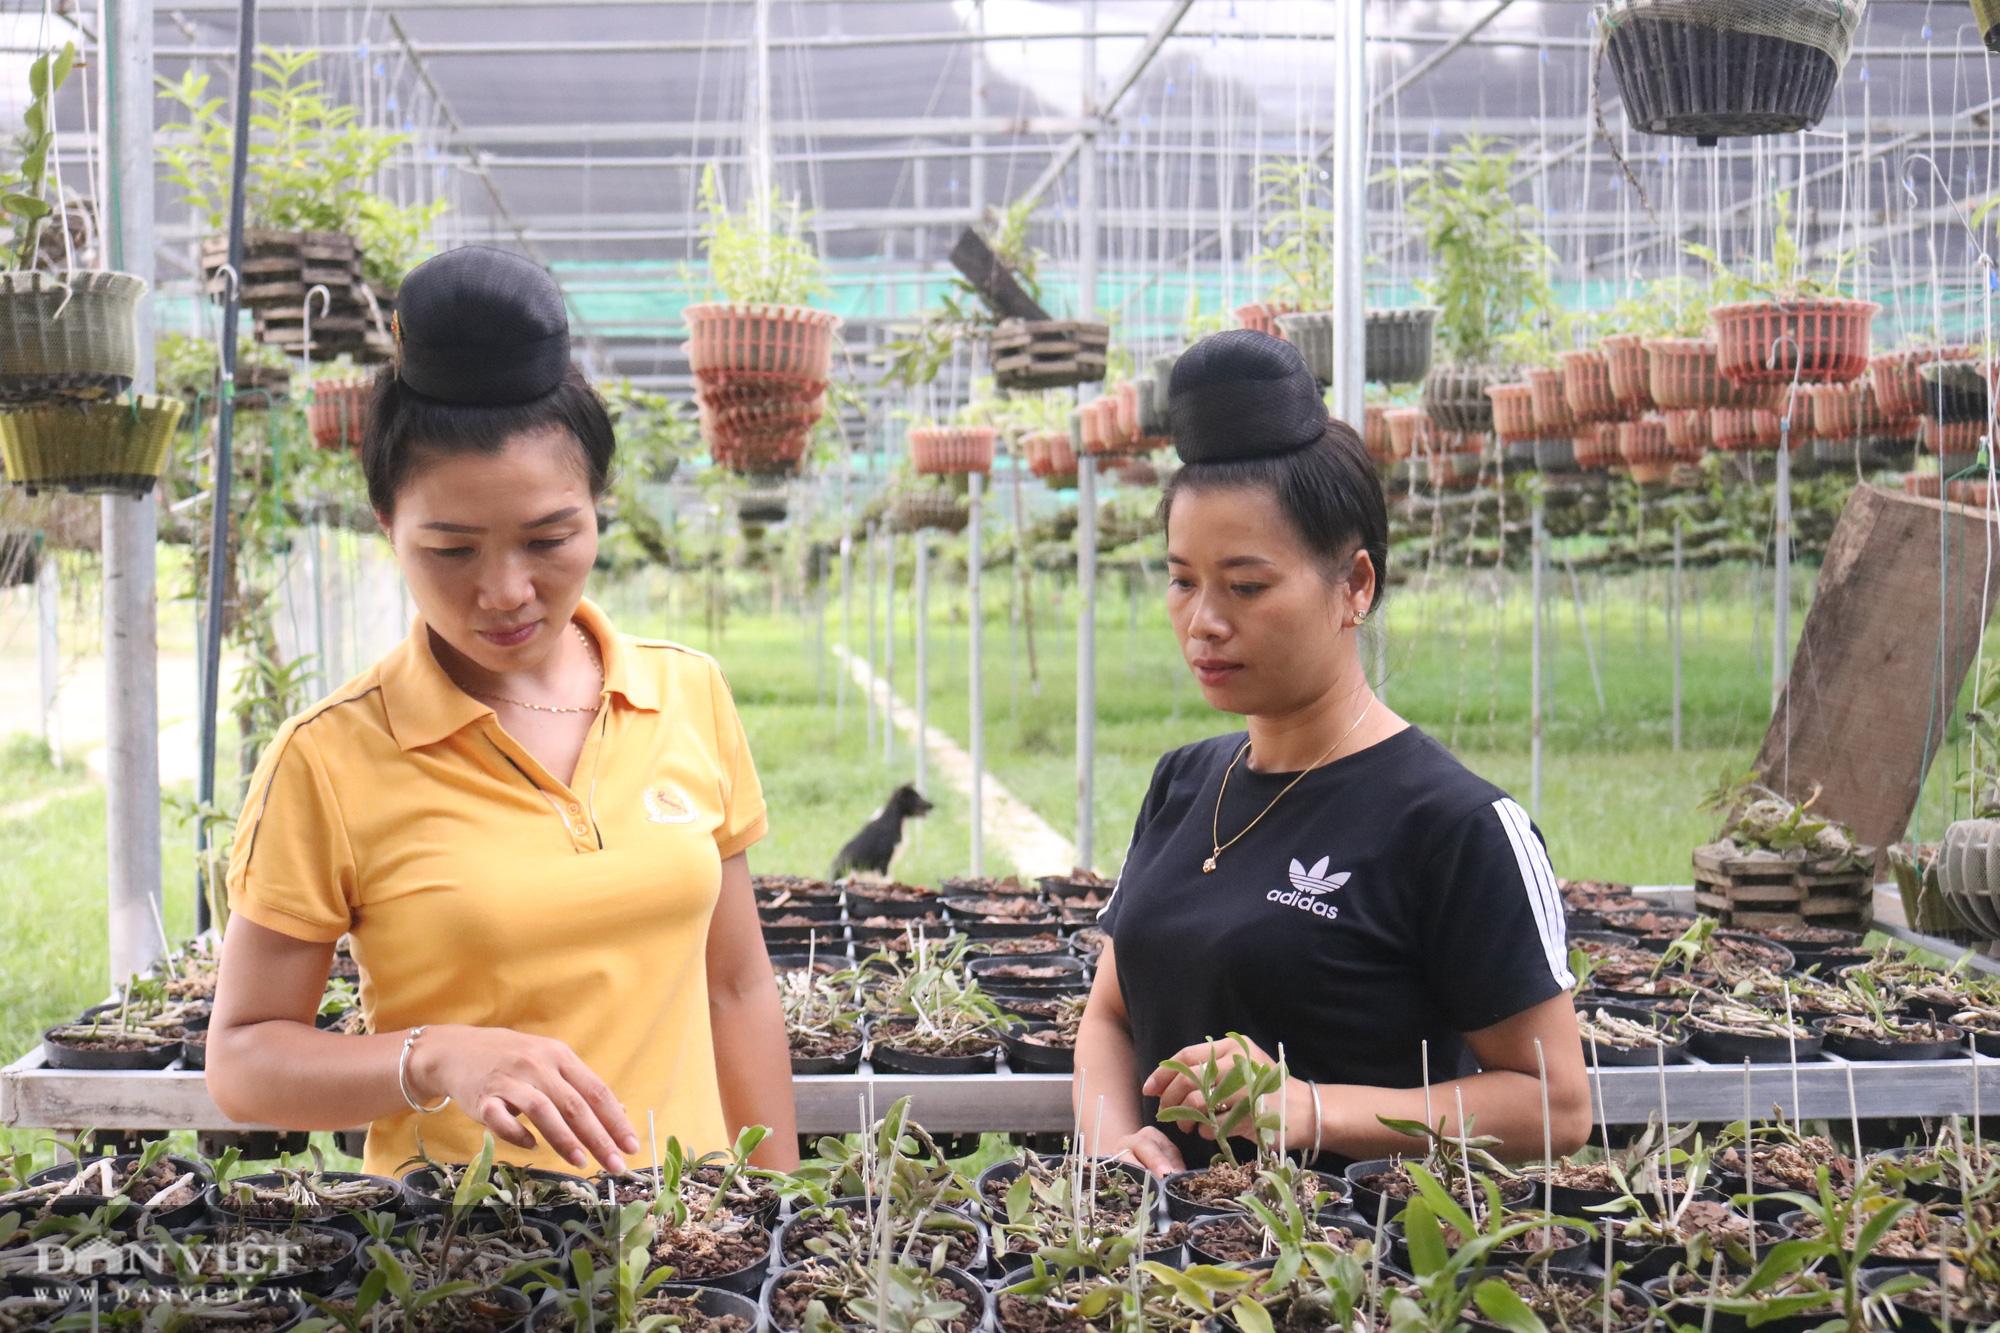 Gái Thái thu hơn 500 triệu đồng mỗi năm từ trồng lan rừng - Ảnh 2.